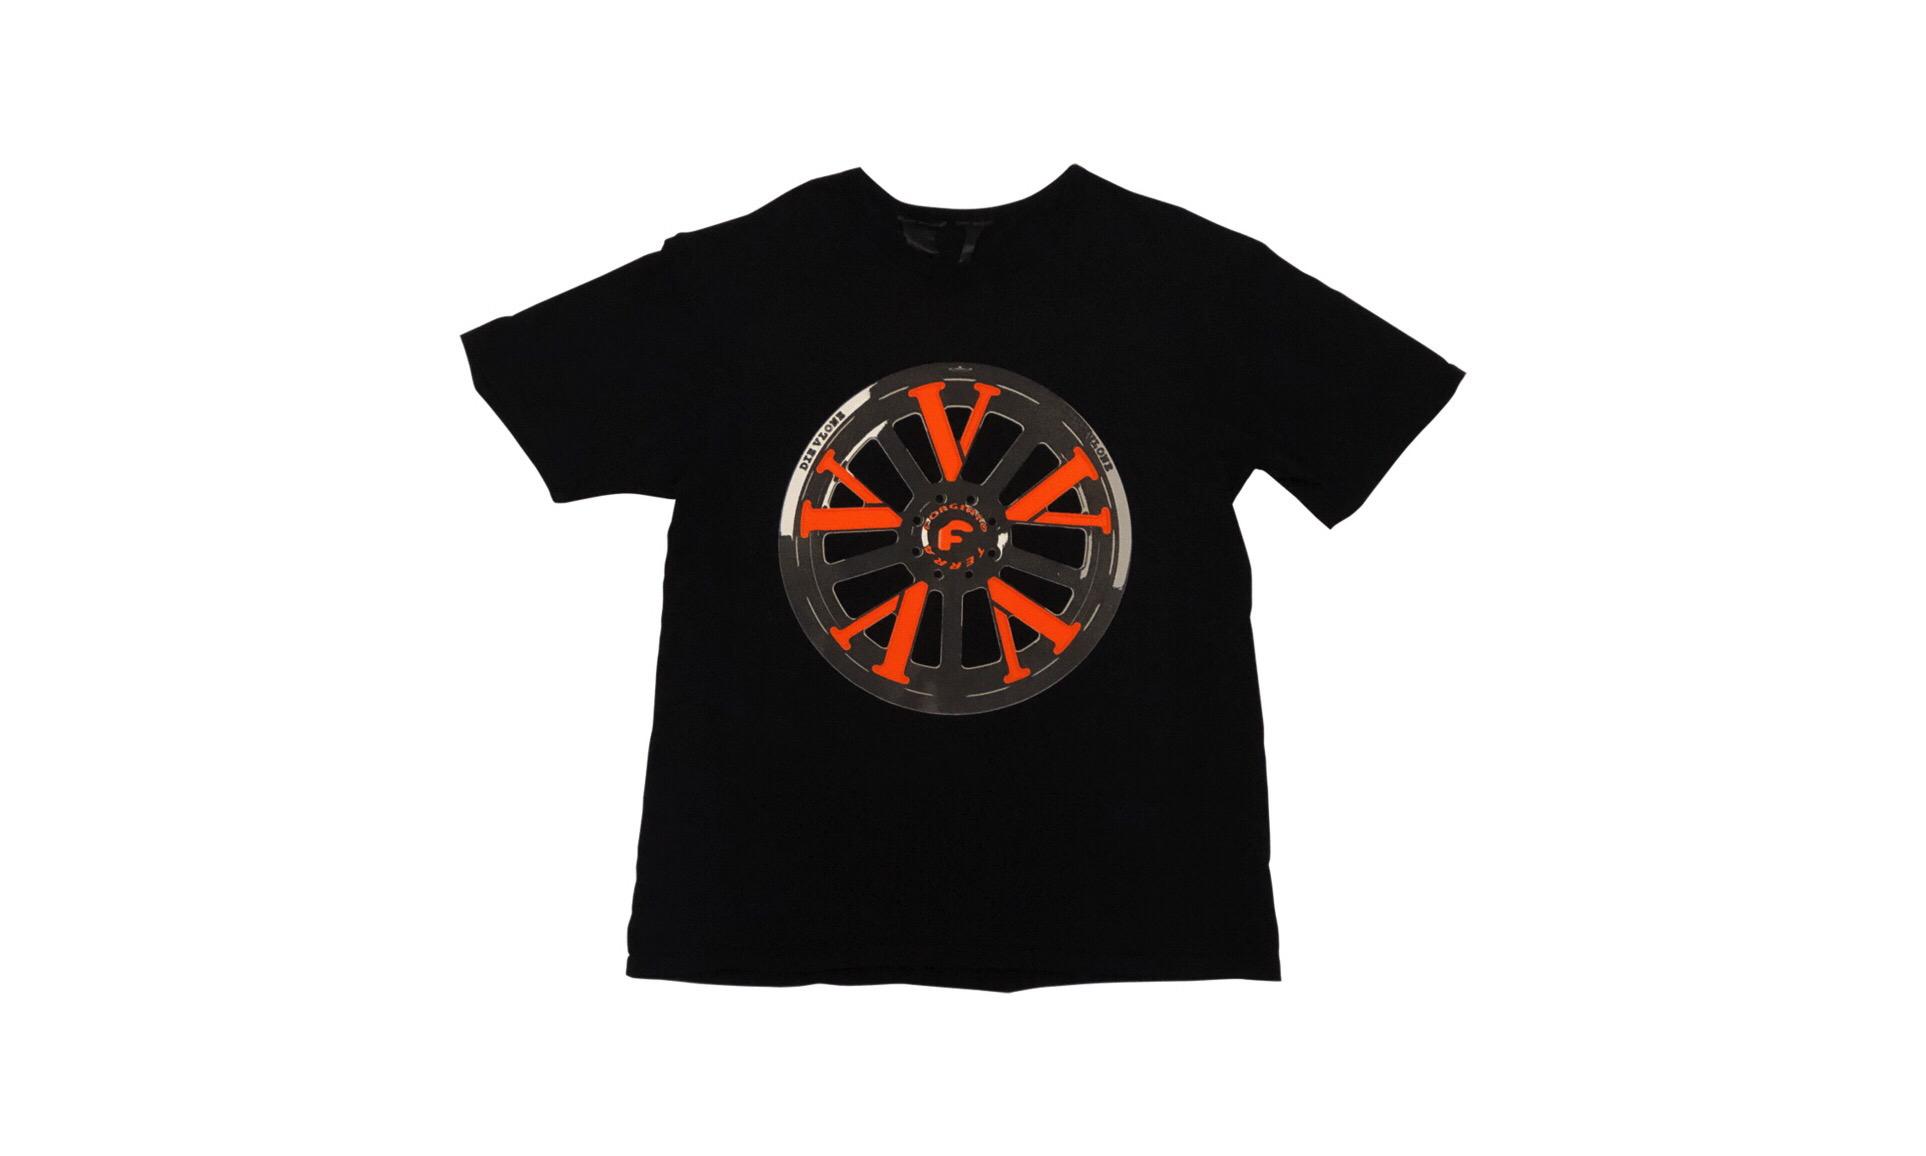 VLONE 释出全新 Forgiato 赛车轮毂 T 恤